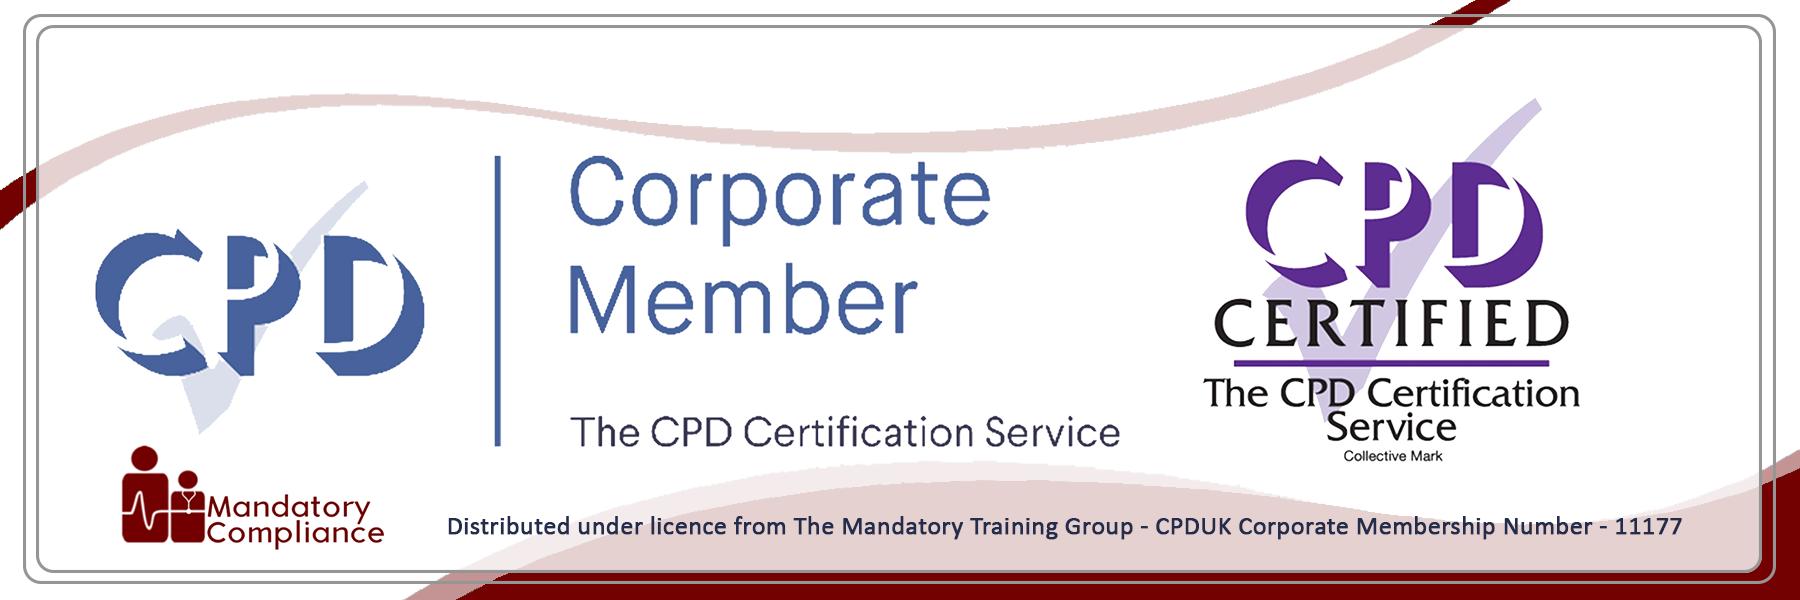 Marketing Basics Training - Online Training Course - CPD Accredited - Mandatory Compliance UK -